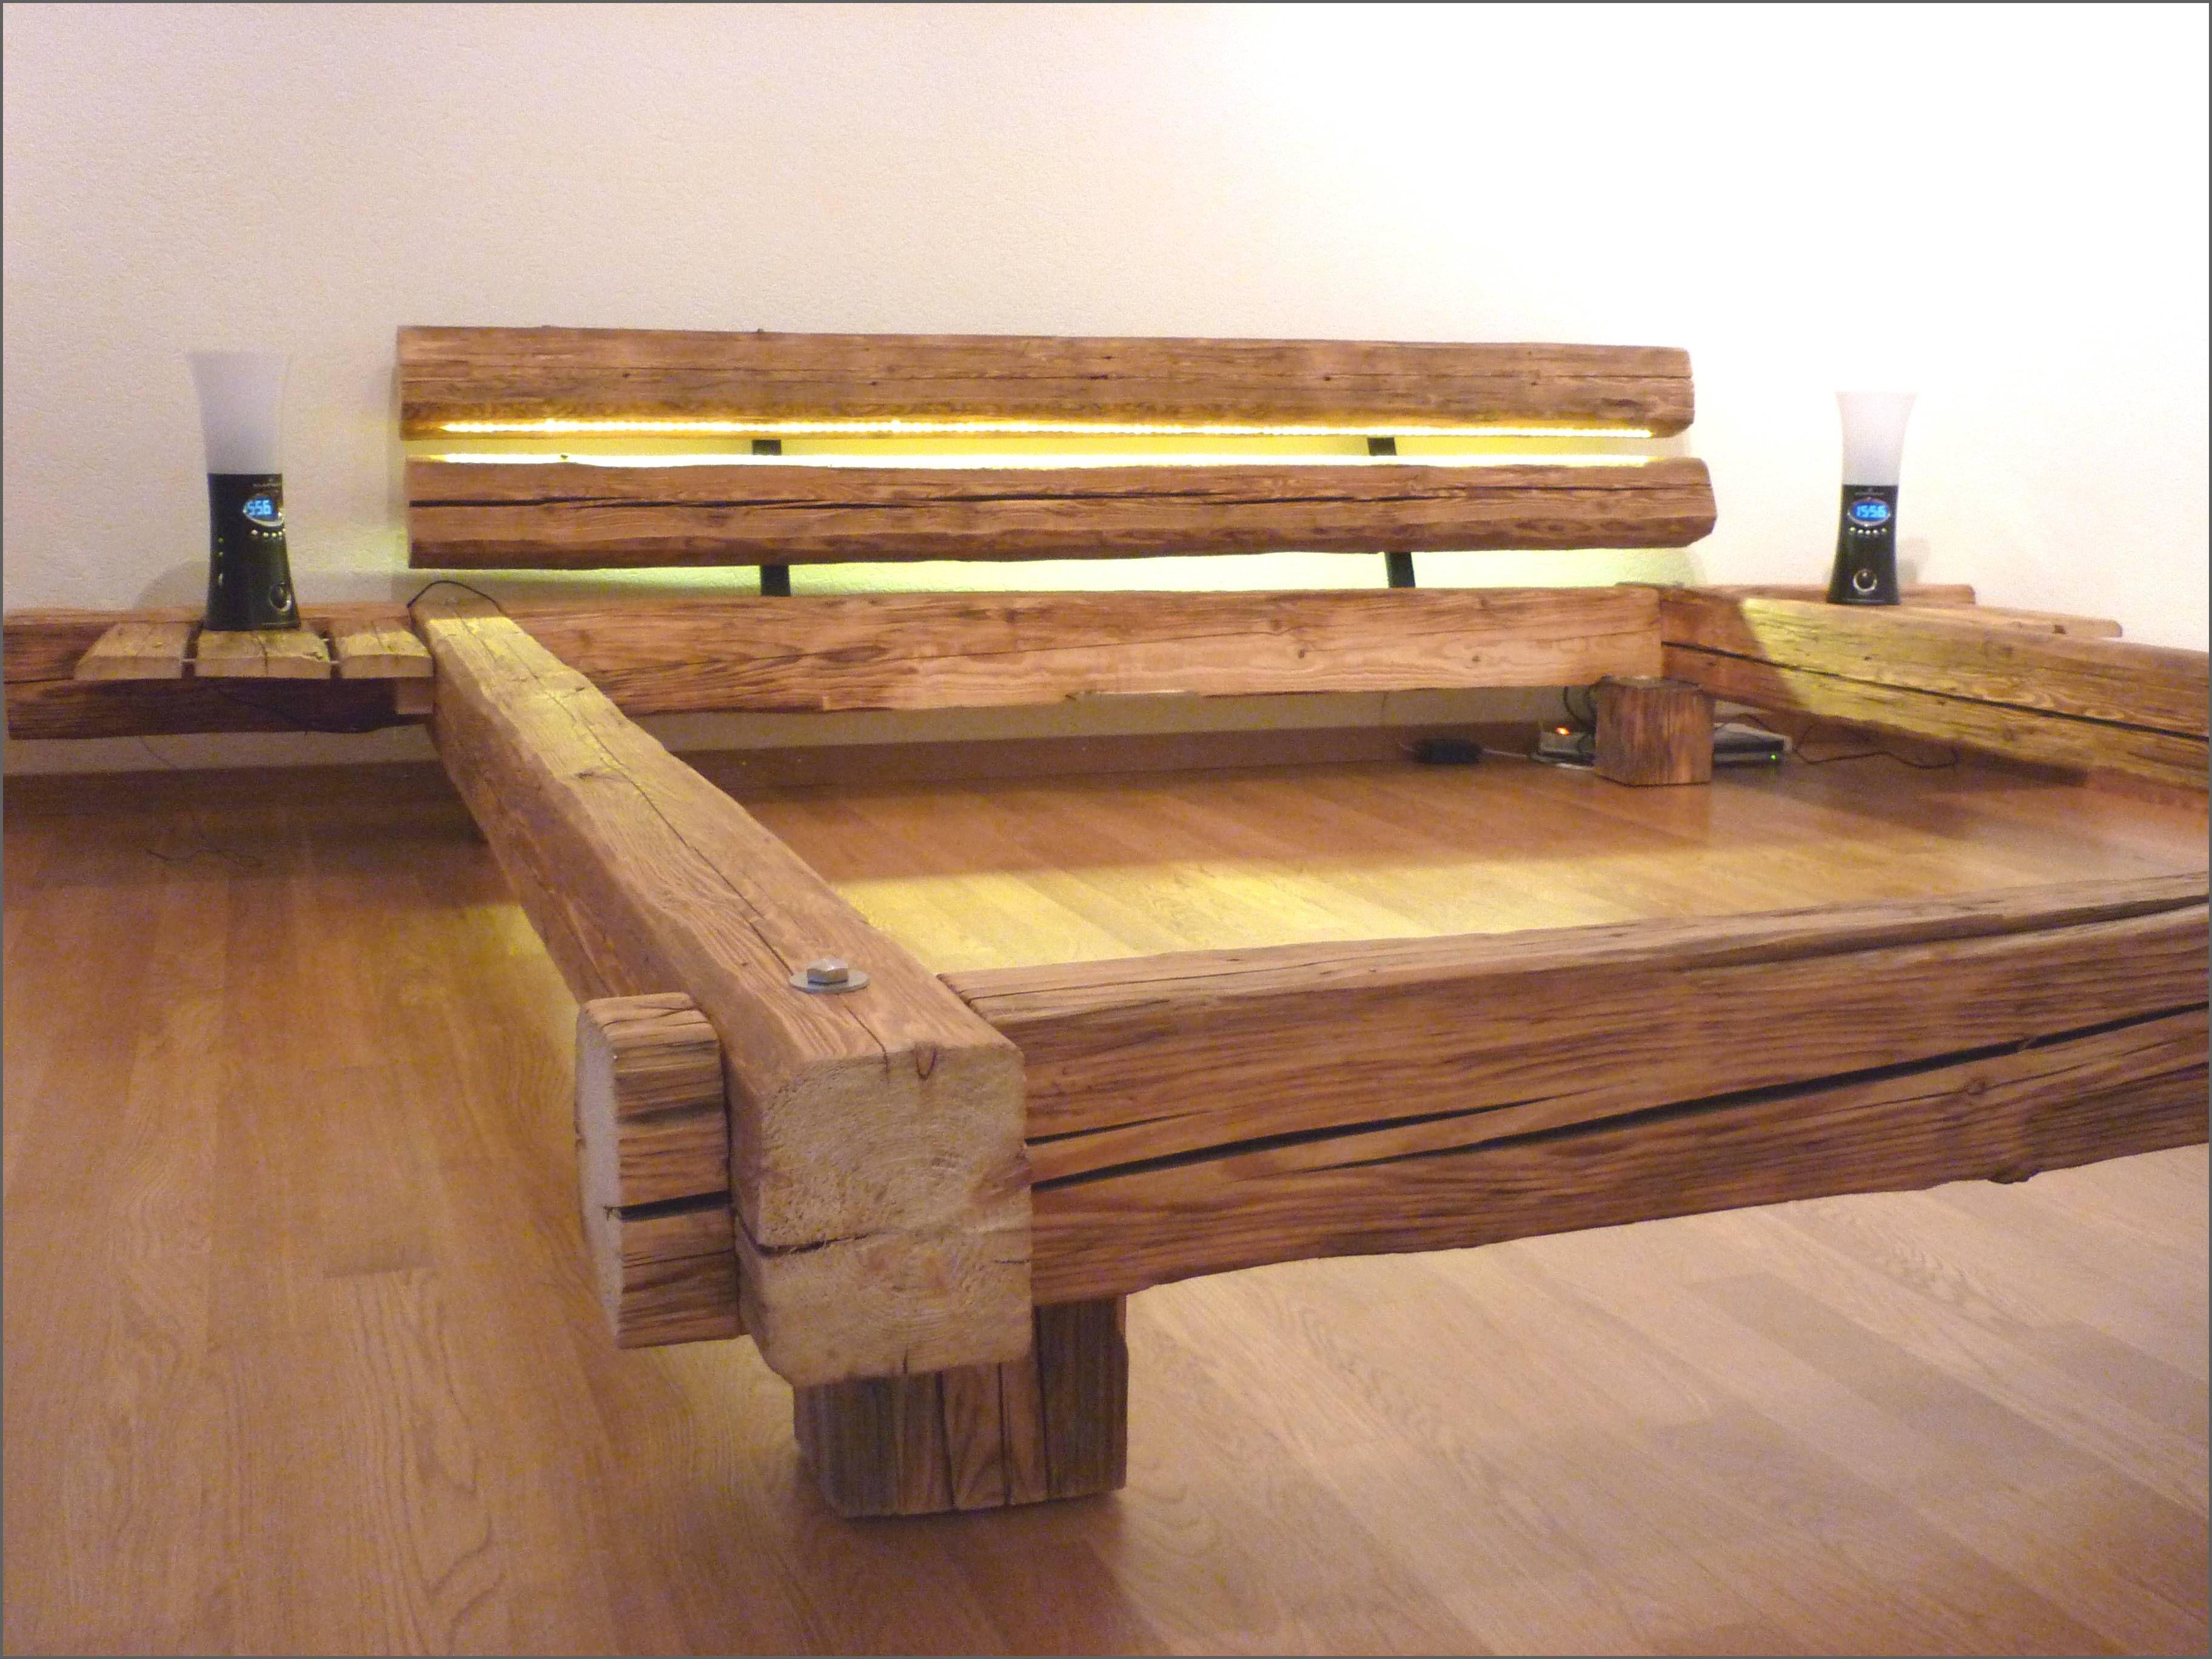 Billig Futonbett Massivholz Bett Selber Bauen Schlafzimmer